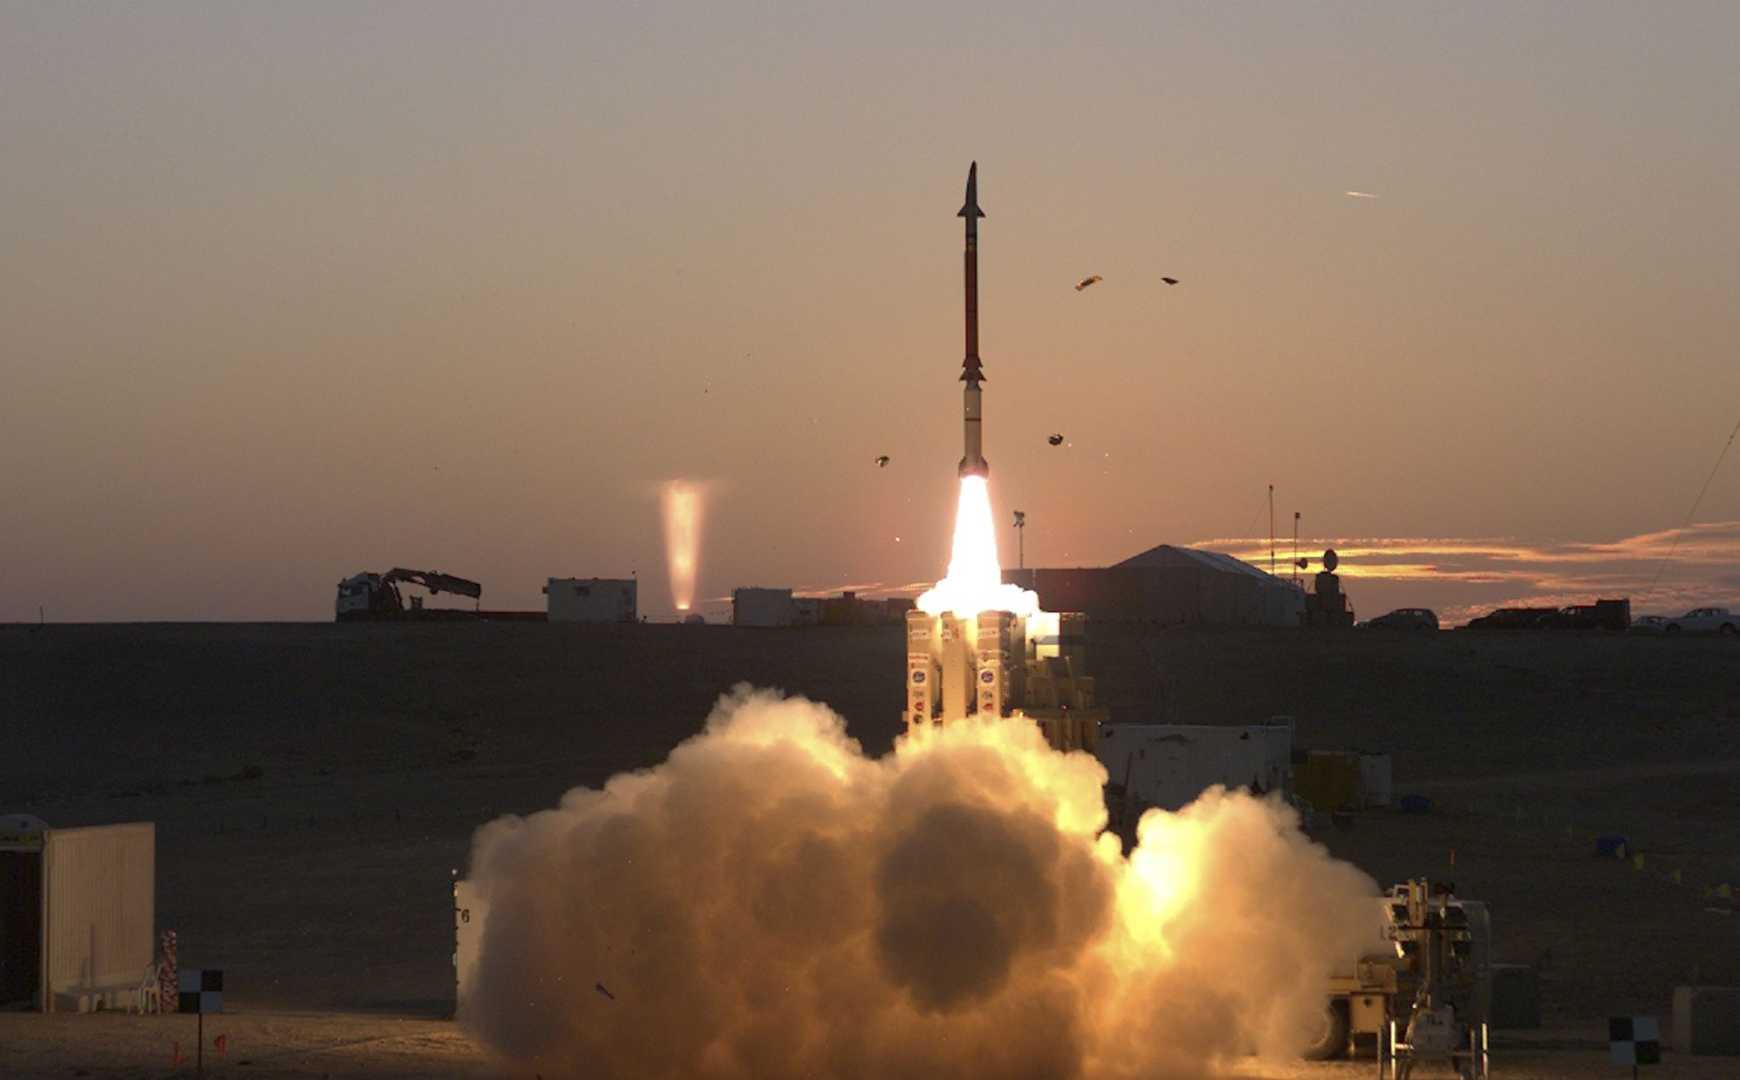 David's Sling missile defense system